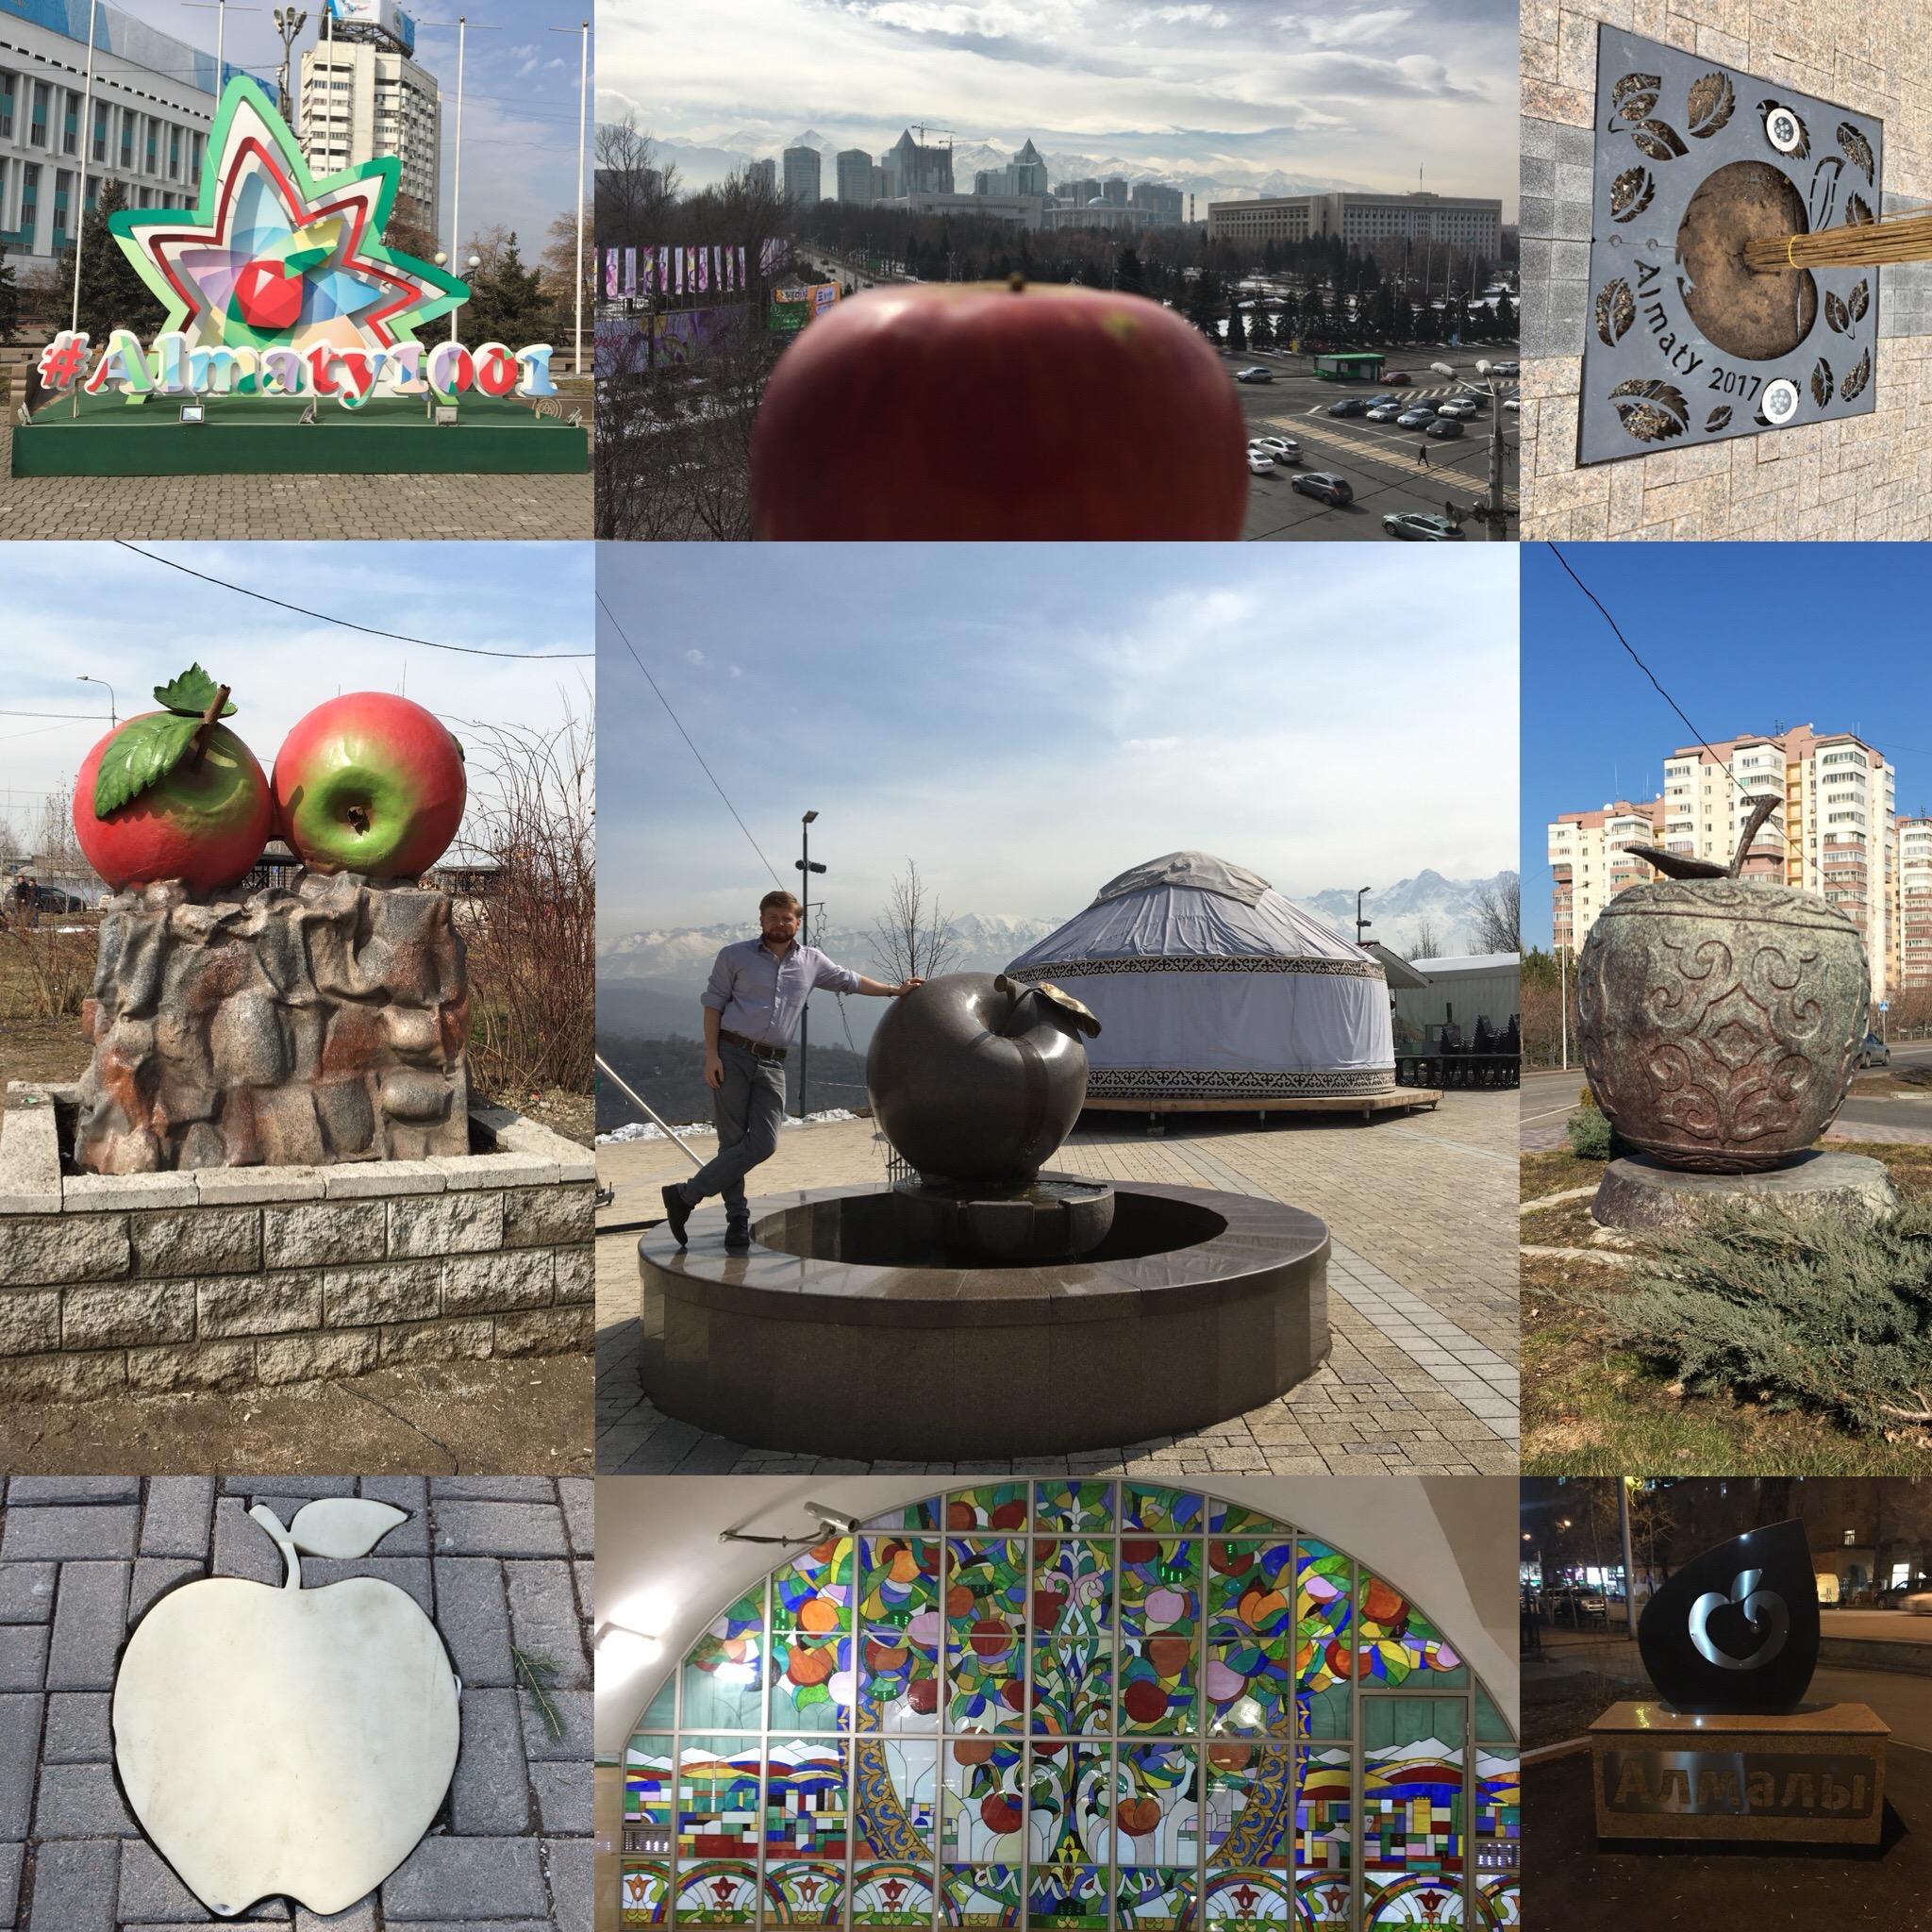 Der Apfel als Symbol der Stadt.